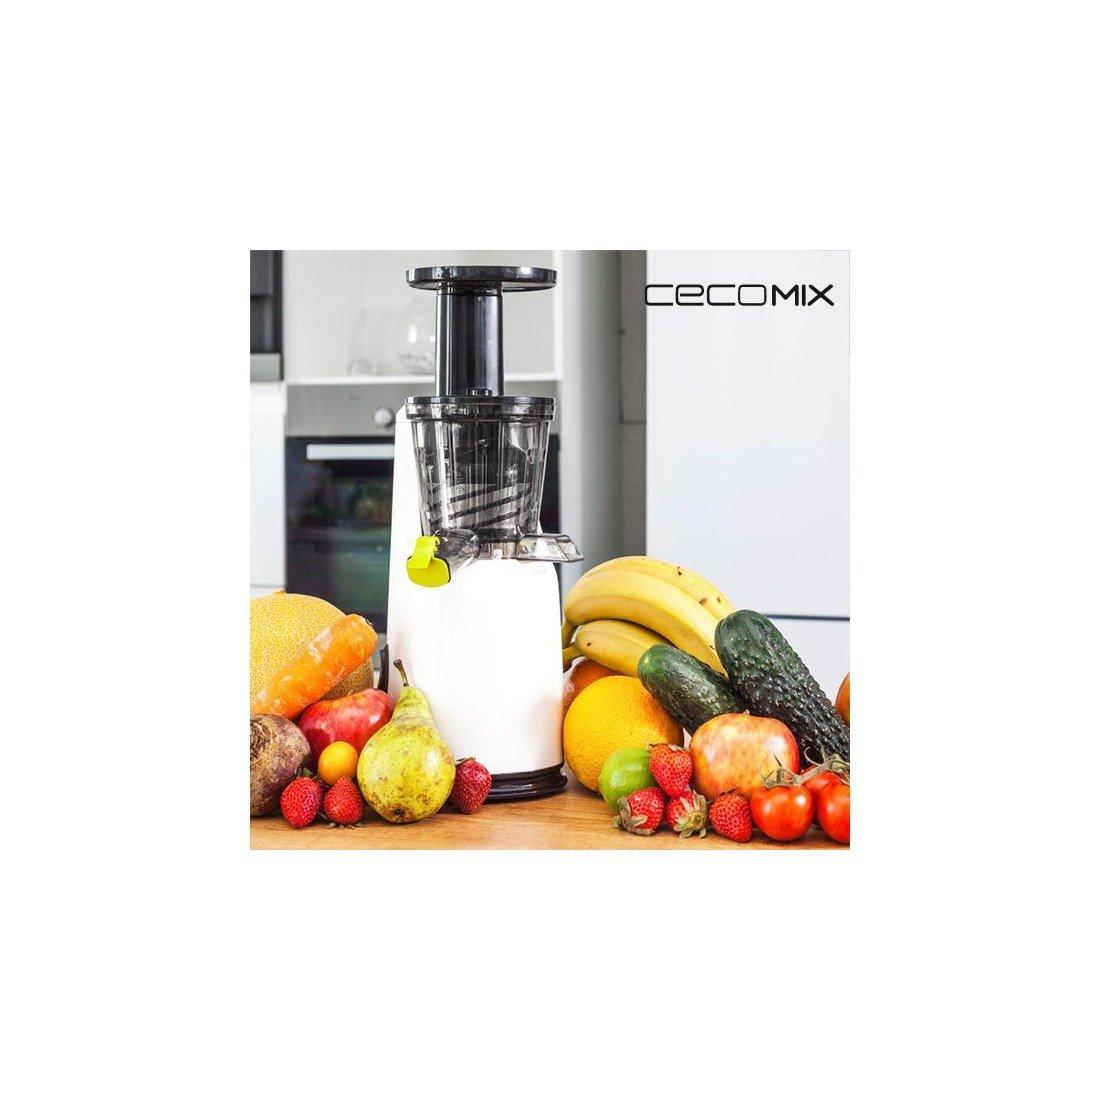 Estrattore di succo a freddo cecomix juicer compact 4038 (1000044913) V1700165